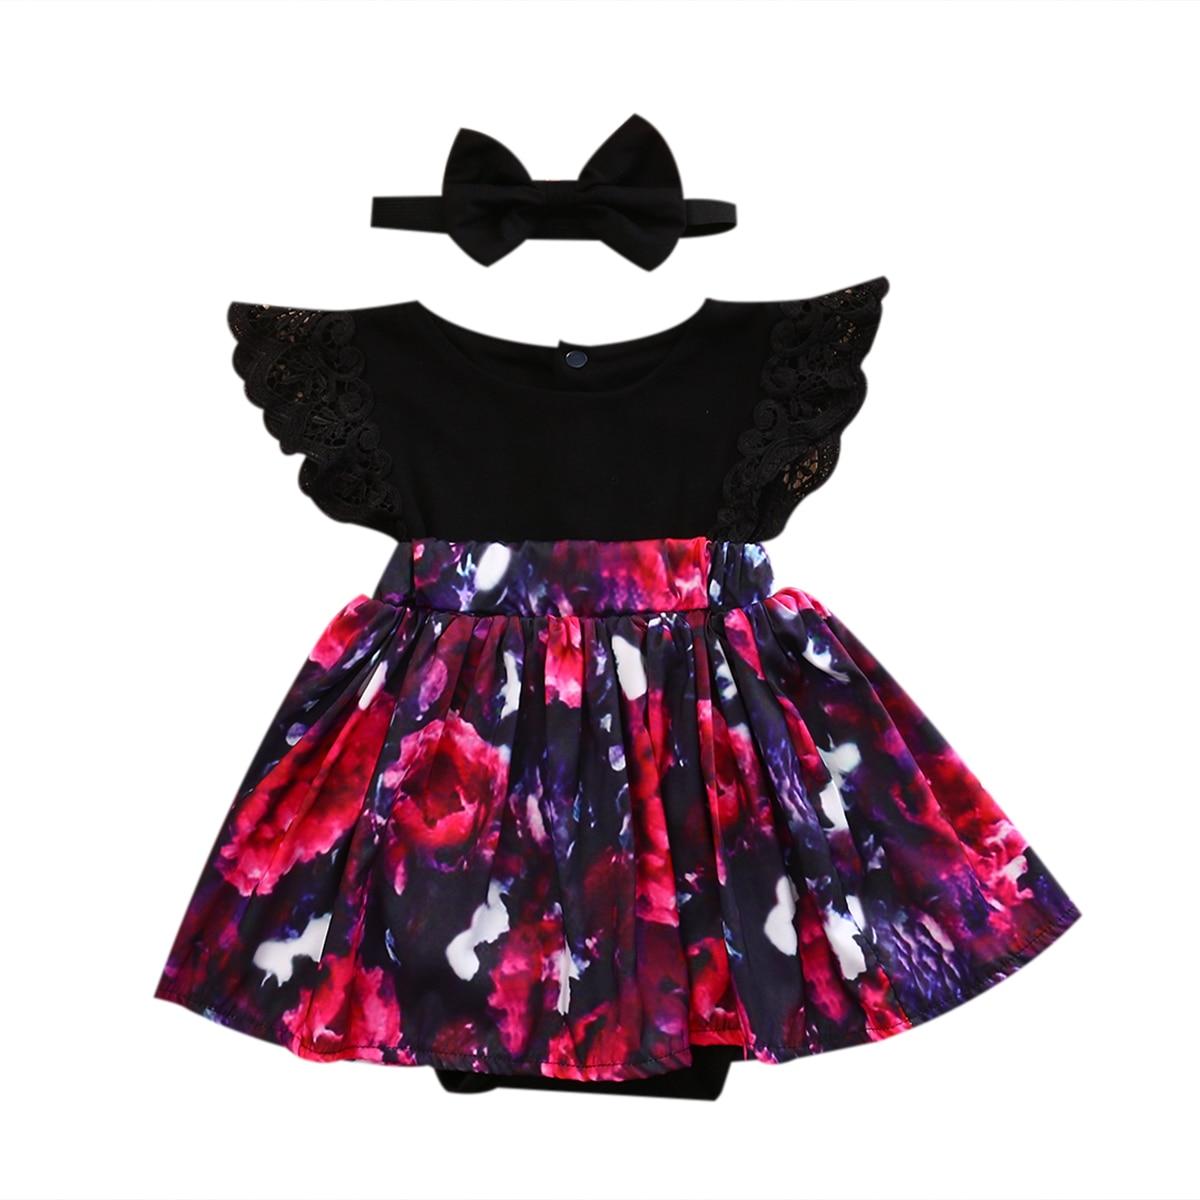 0-6y Toddelr Kinder Baby Mädchen Schwester Passenden Floral Jumpsuit Kleid Schwarz Stirnband Outfits Kleidung 2 Stücke Set NüTzlich FüR äTherisches Medulla